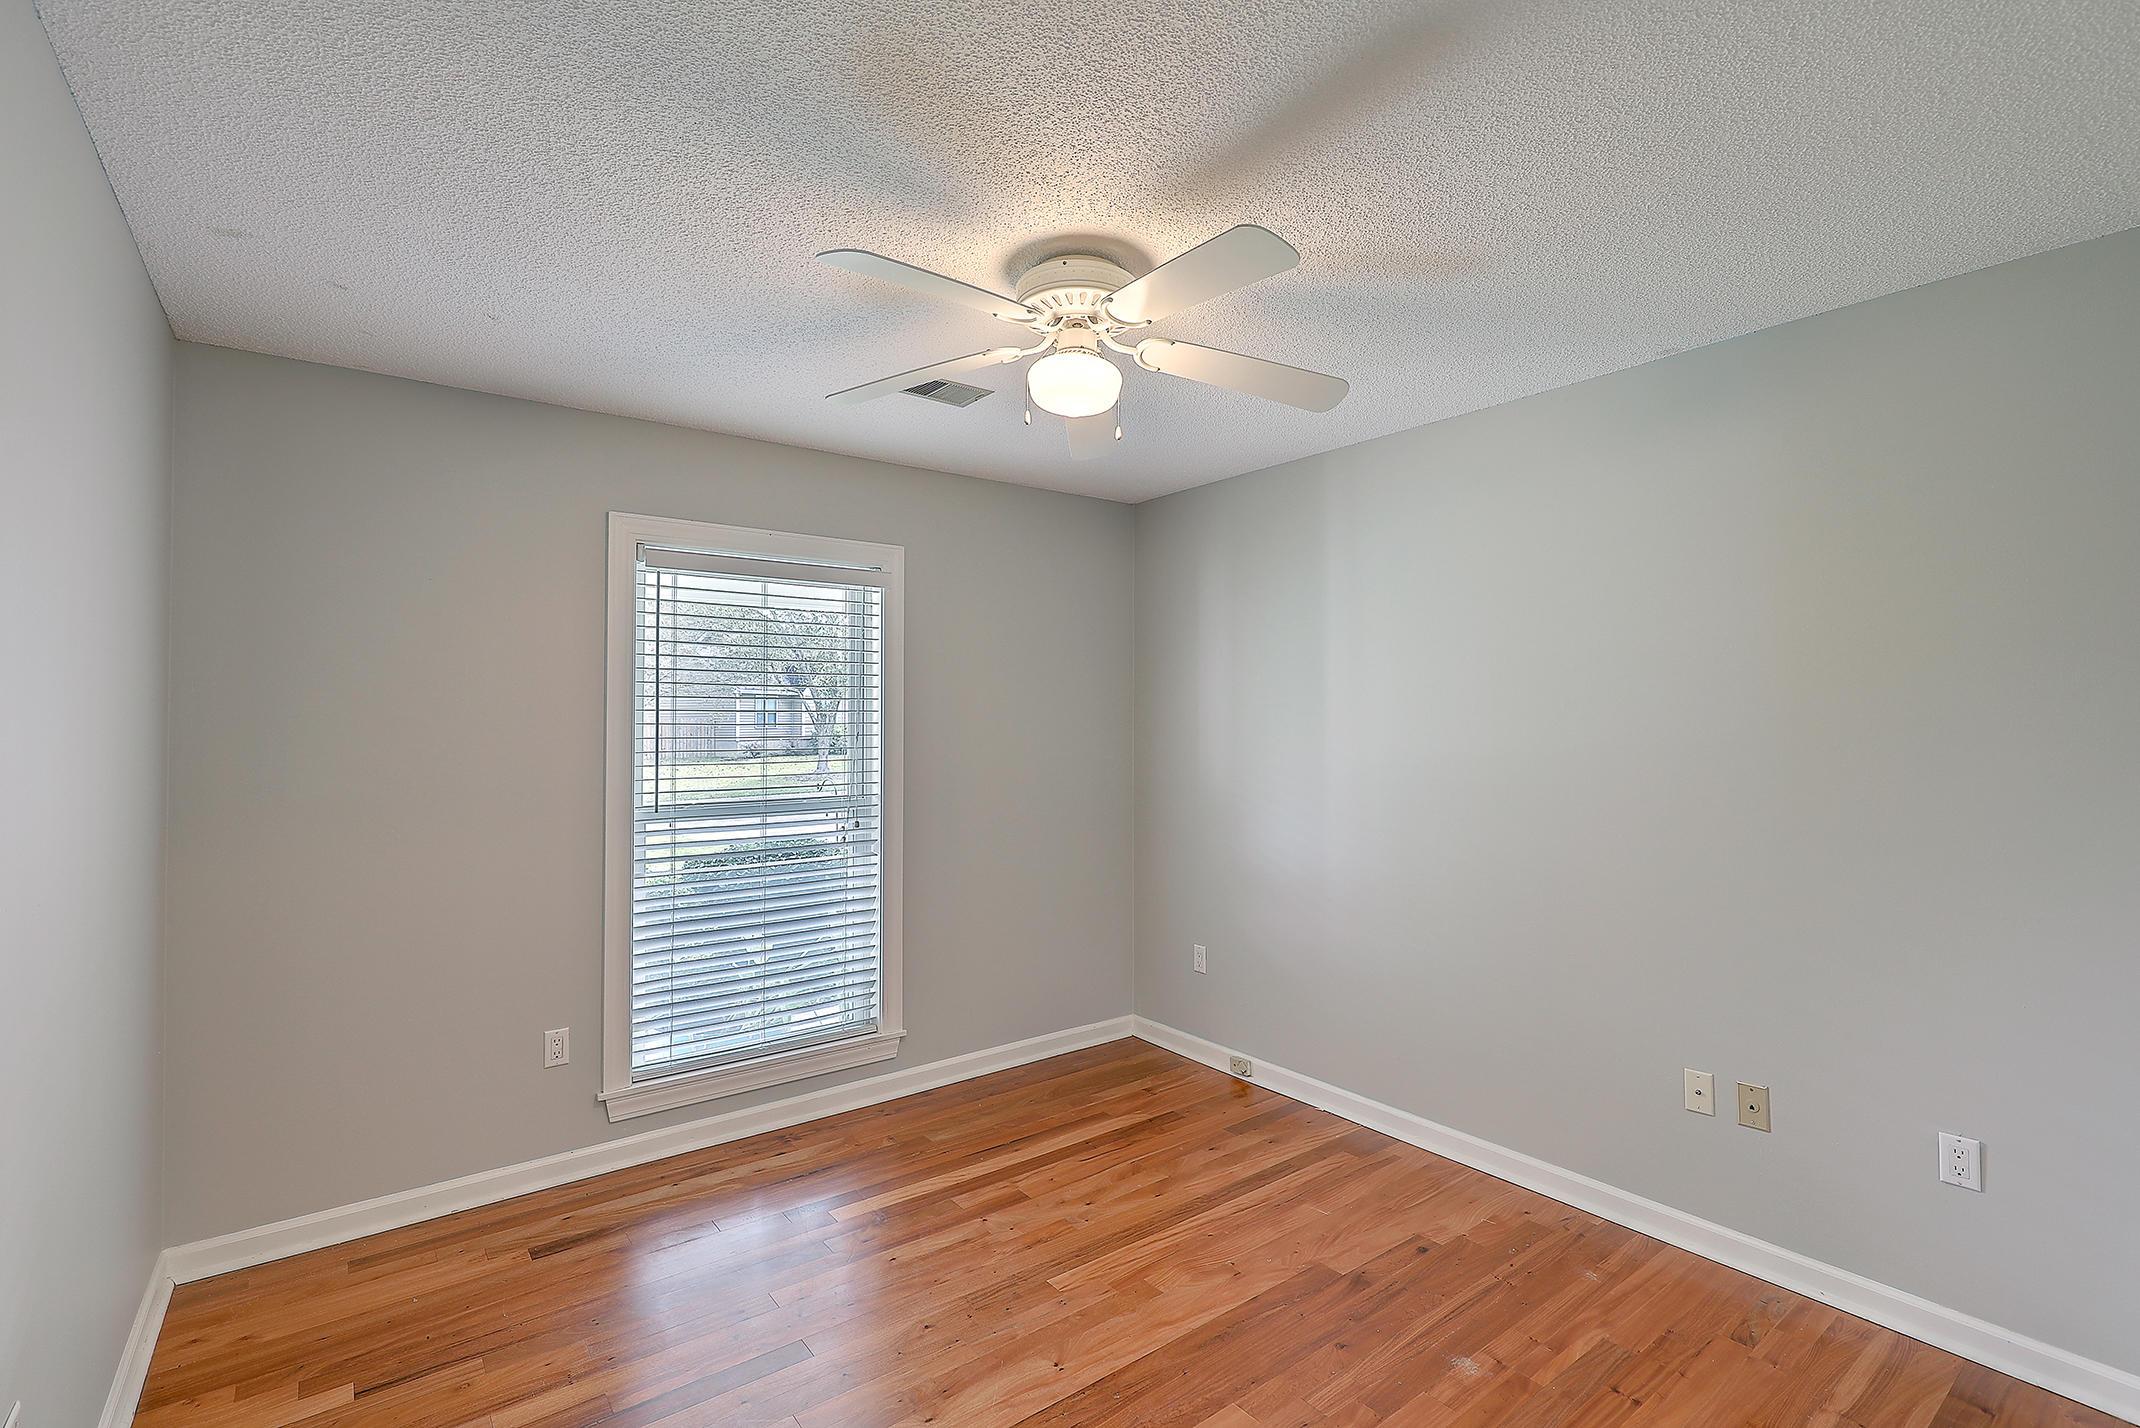 Coopers Landing Homes For Sale - 1474 Hidden Bridge, Mount Pleasant, SC - 24